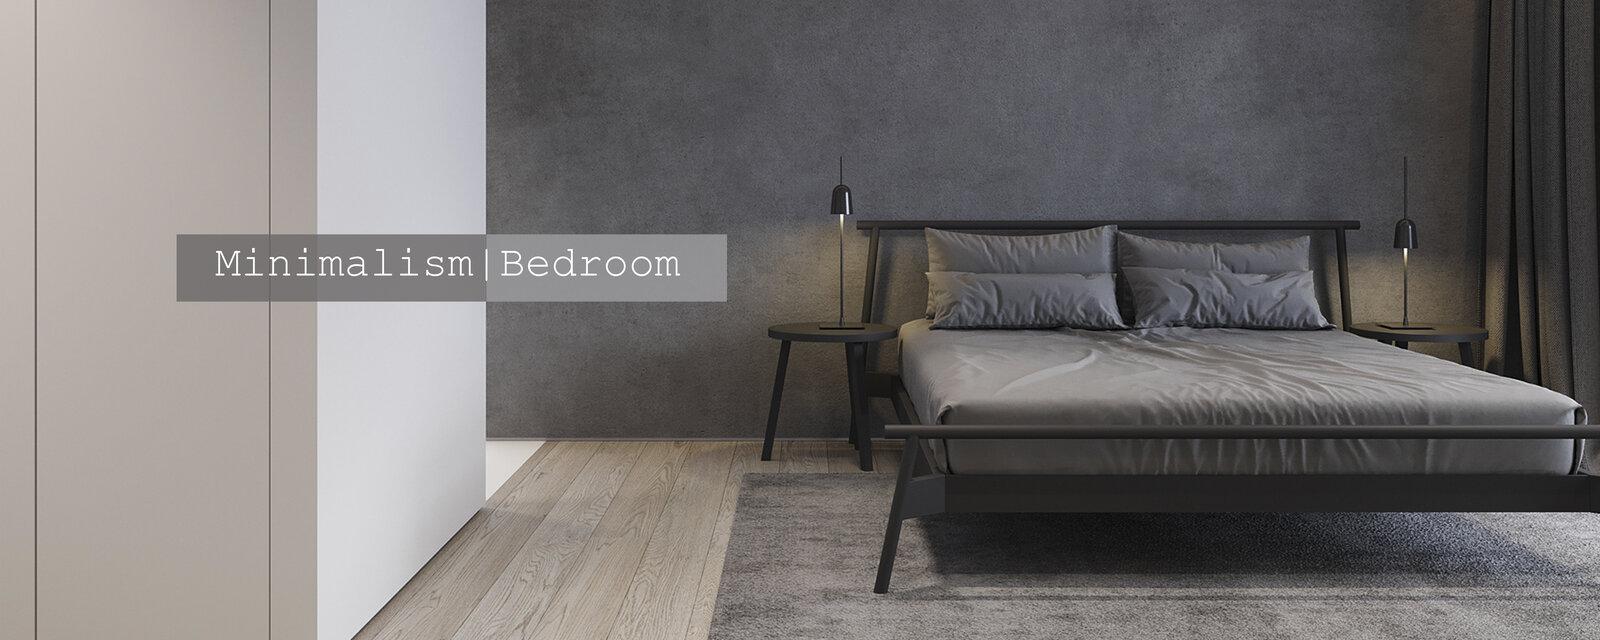 Minimalism | Bedroom